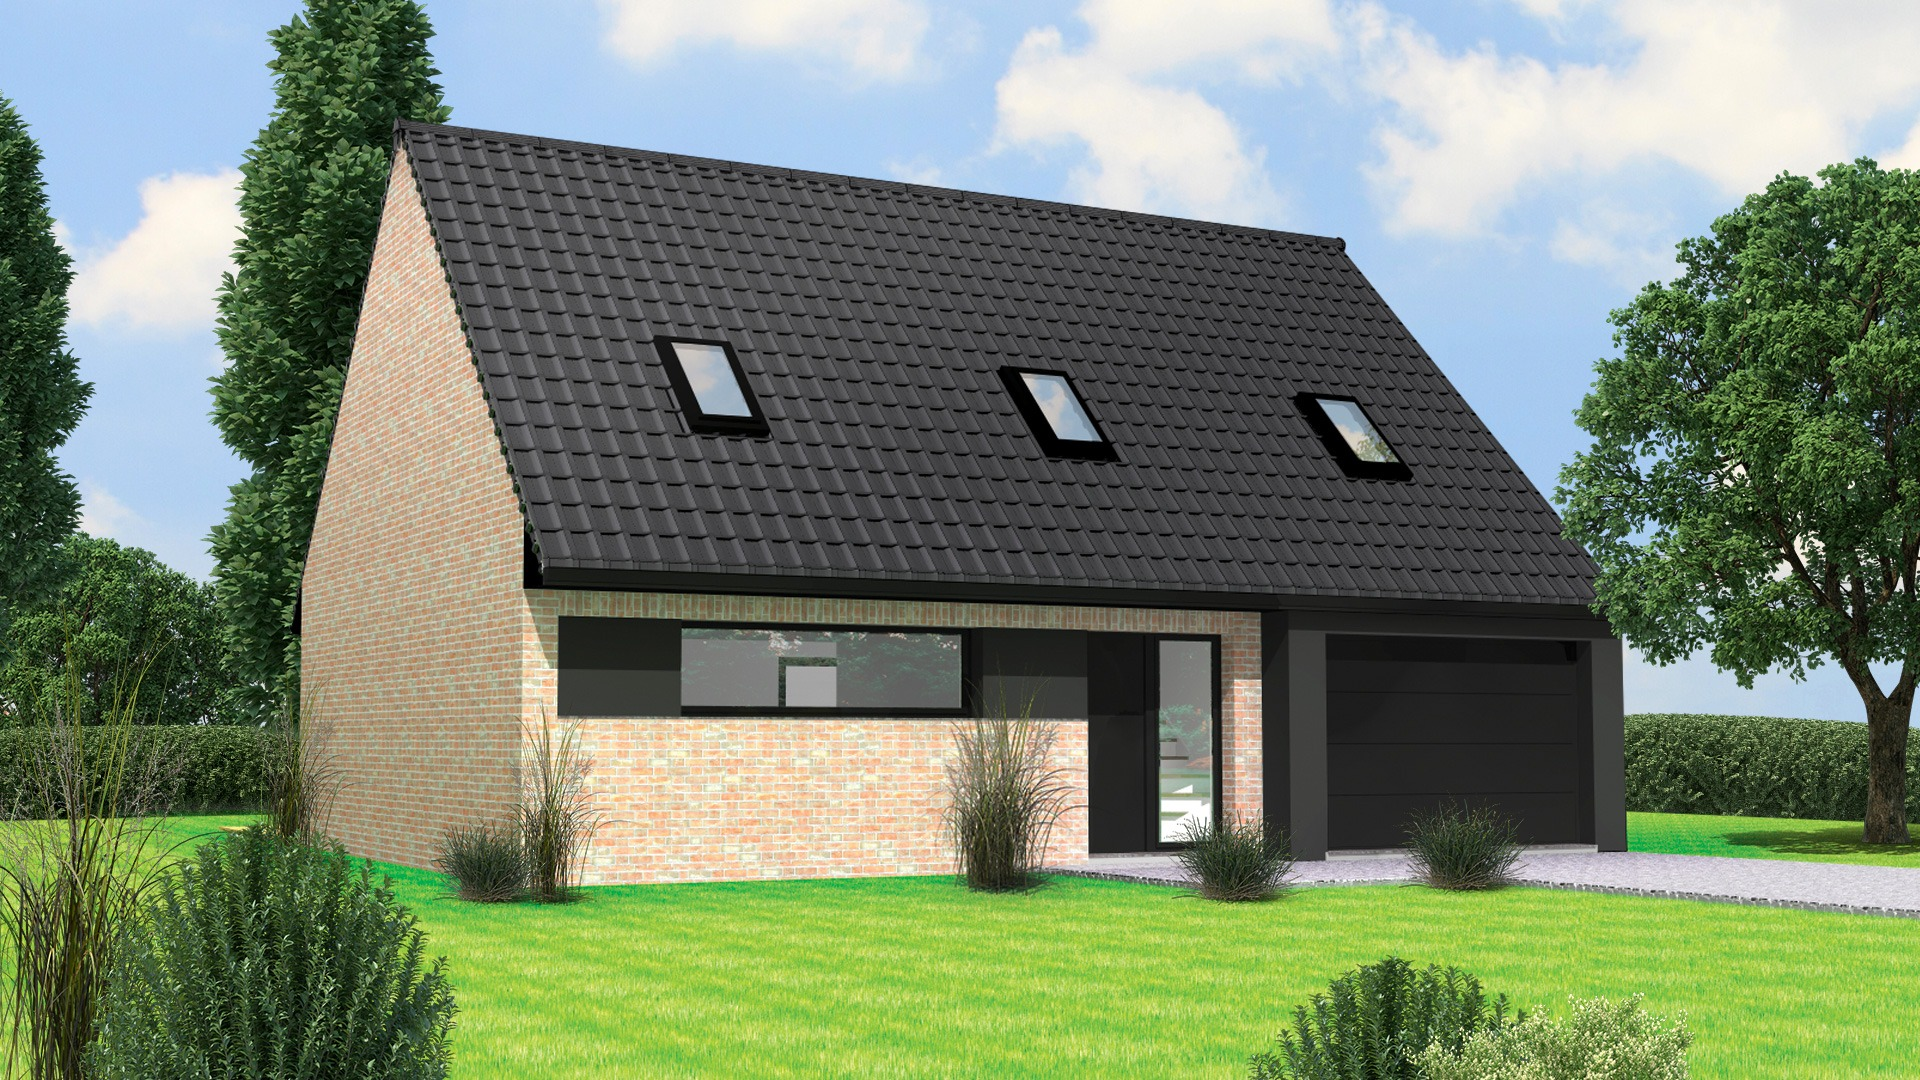 Terrain et maison à construire Lambres-lez-Douai 118m²